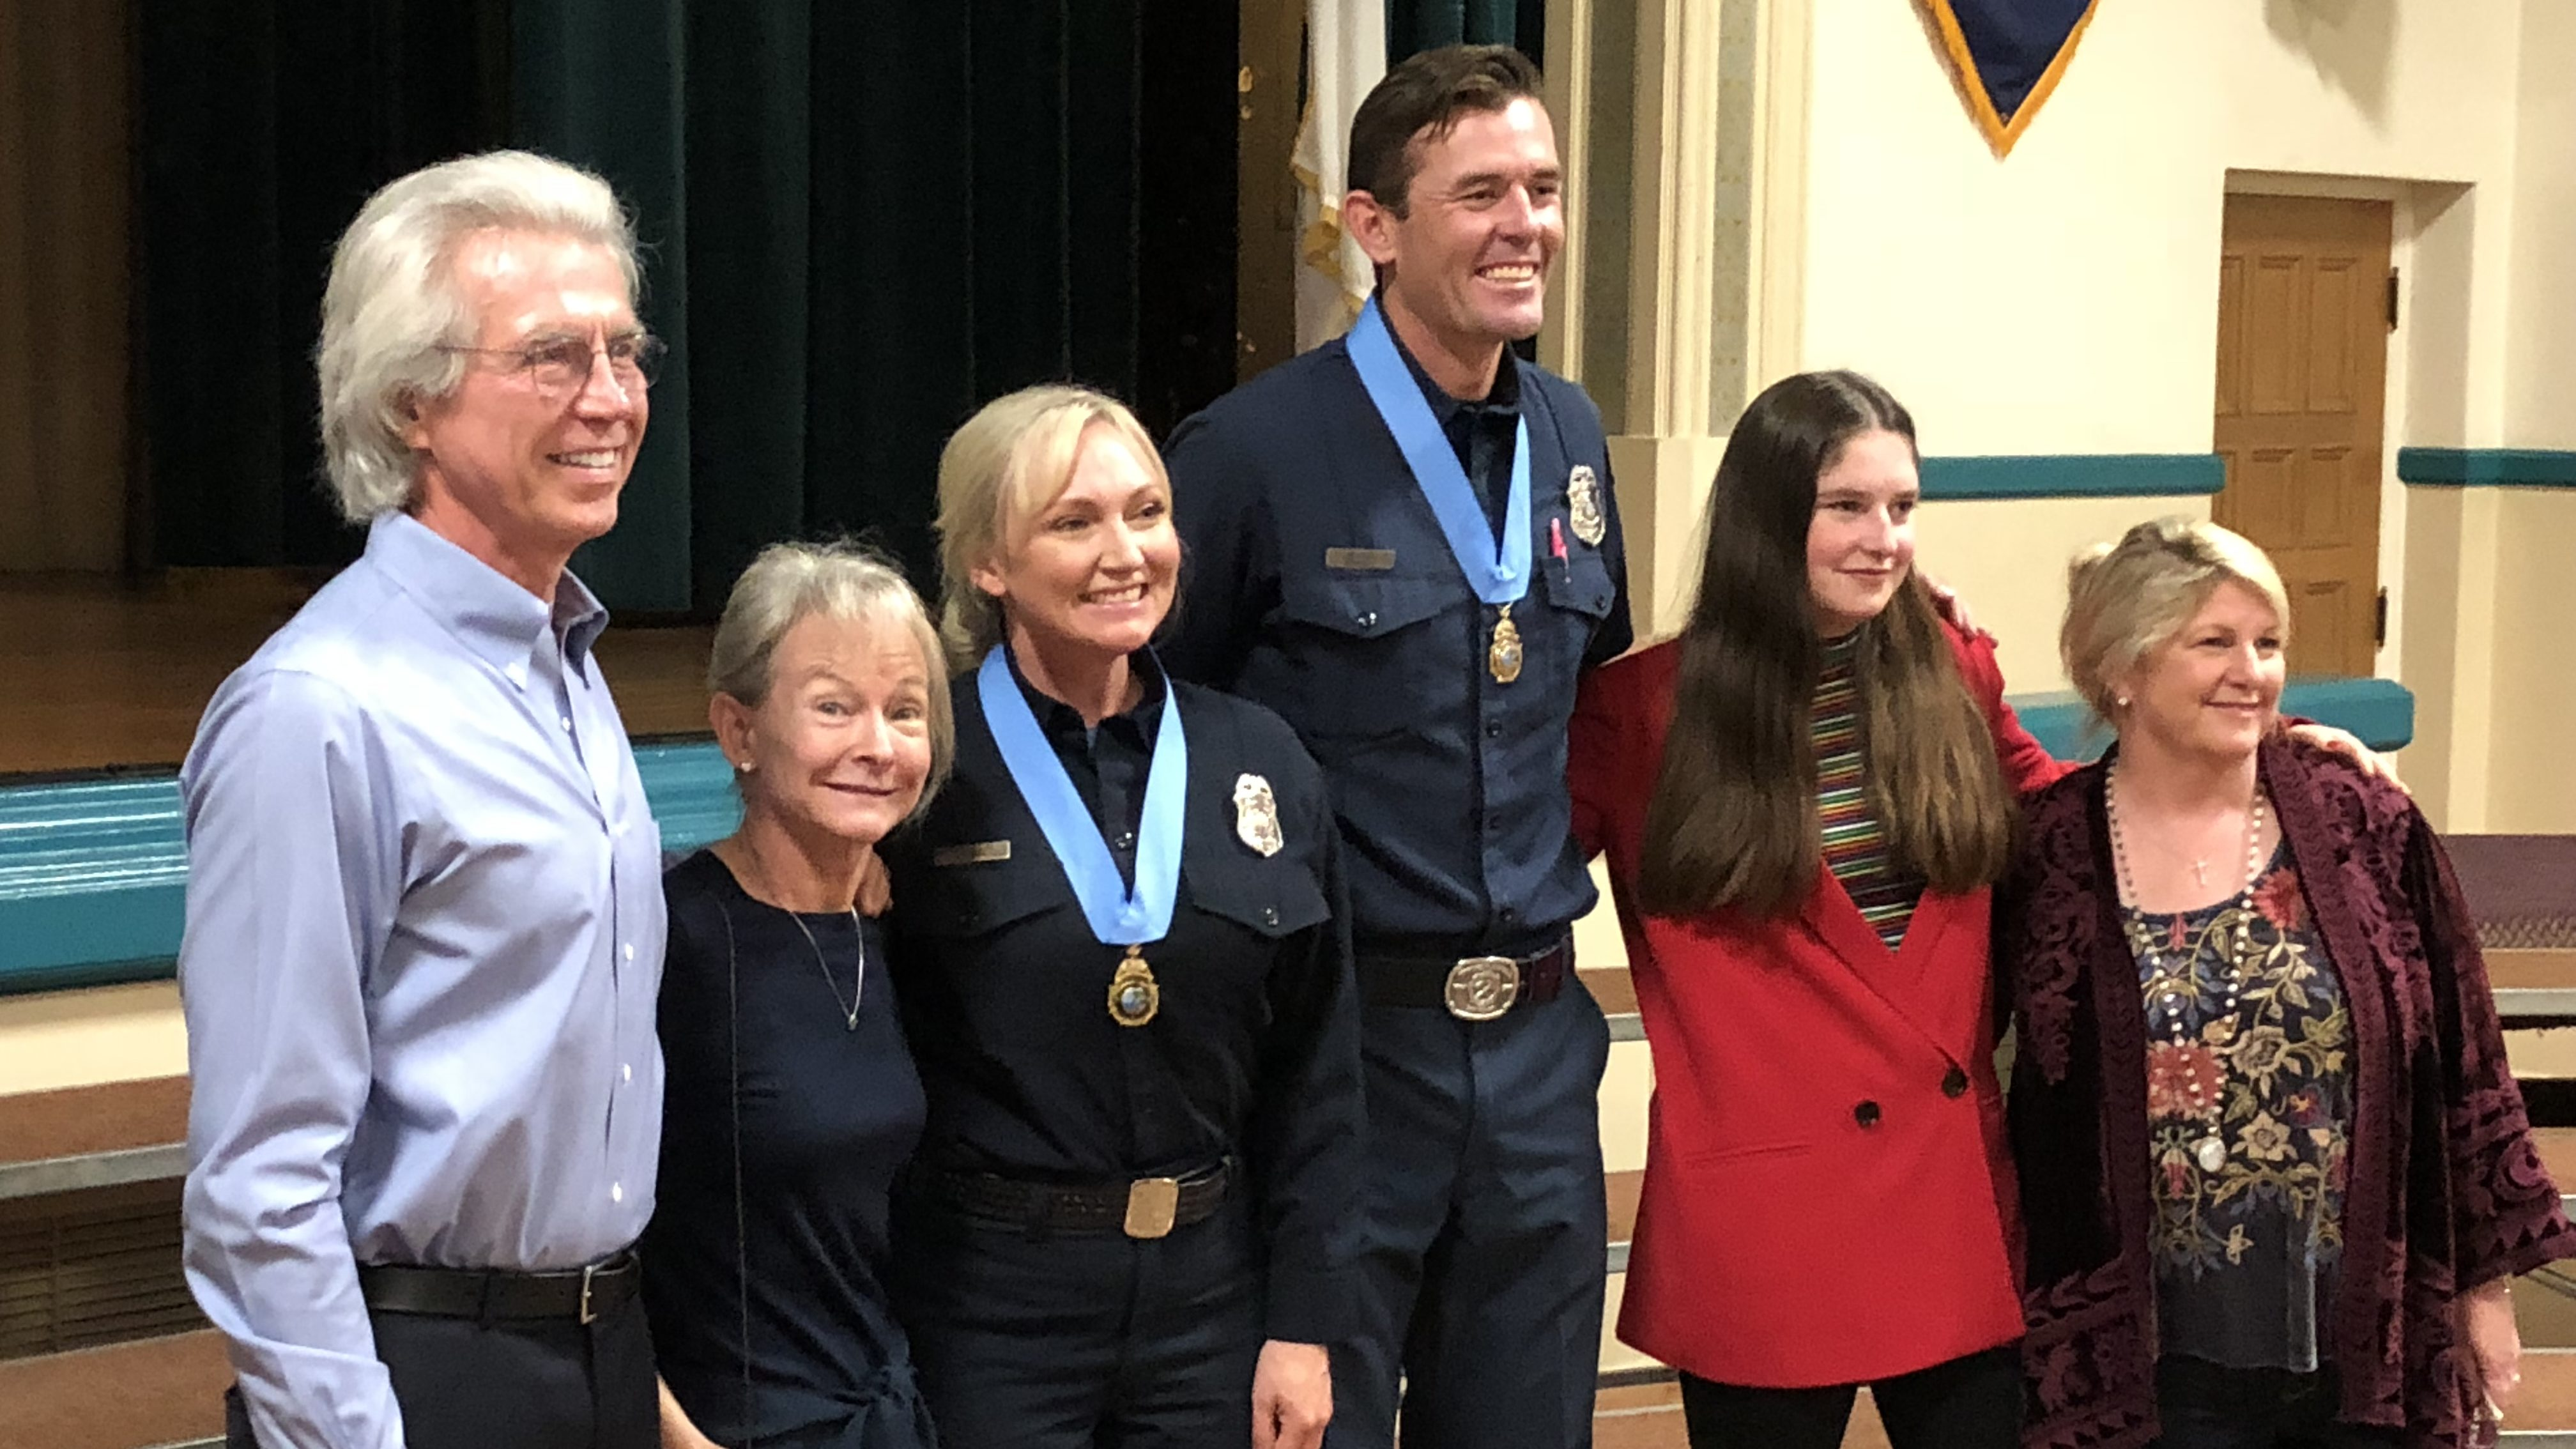 Montecito valor awards